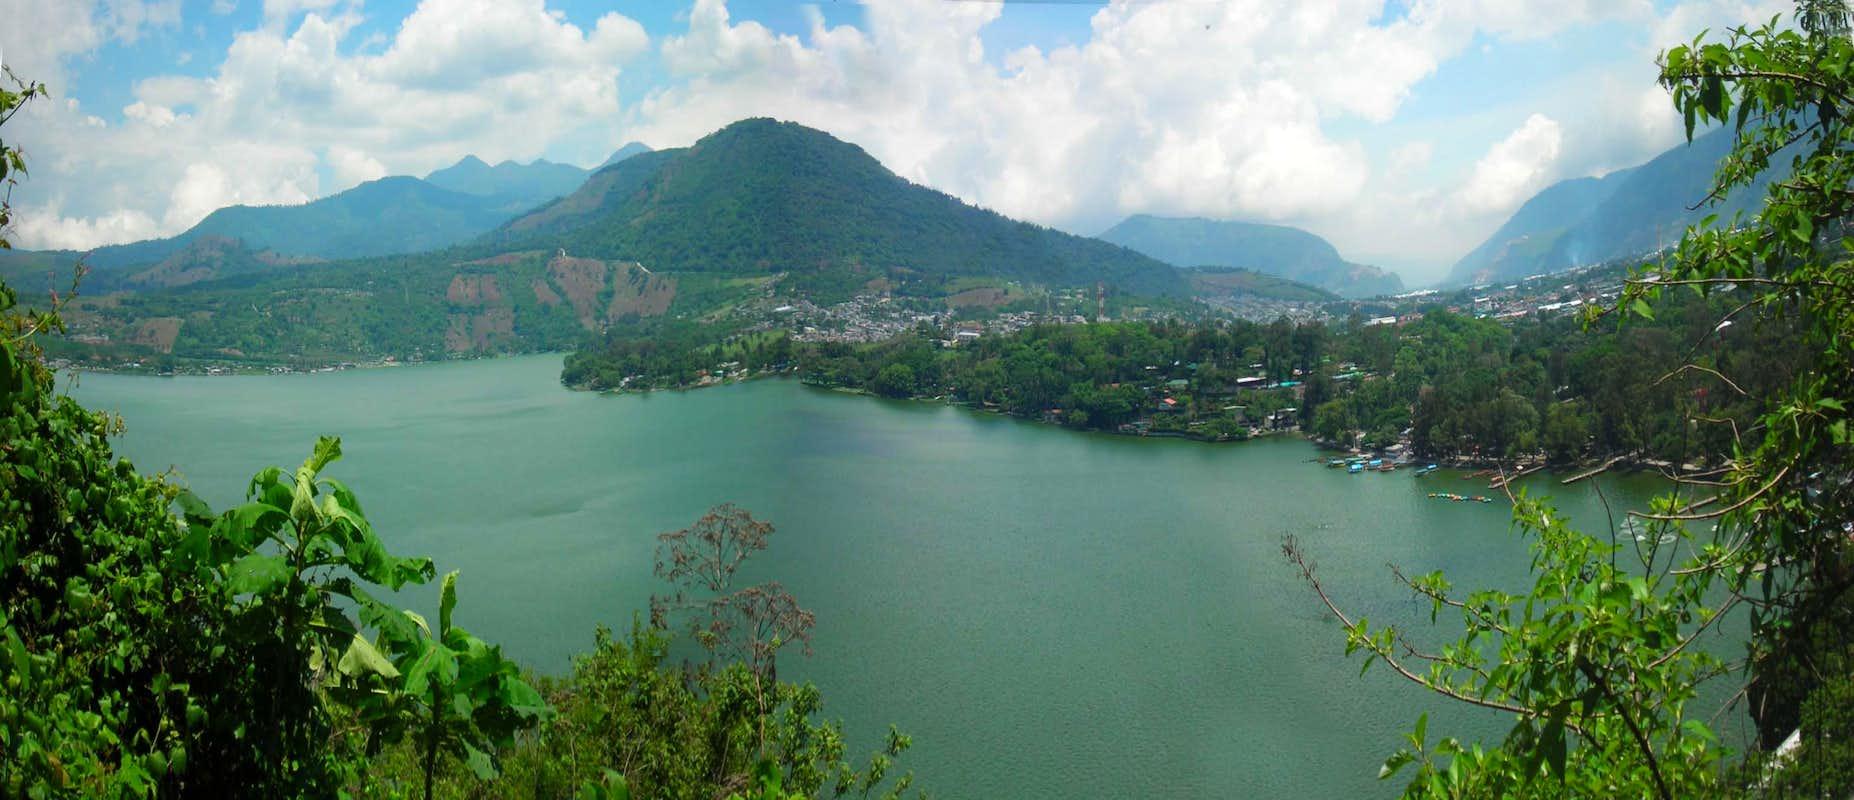 Lake Amatitlan : Photos, Diagrams & Topos : SummitPost